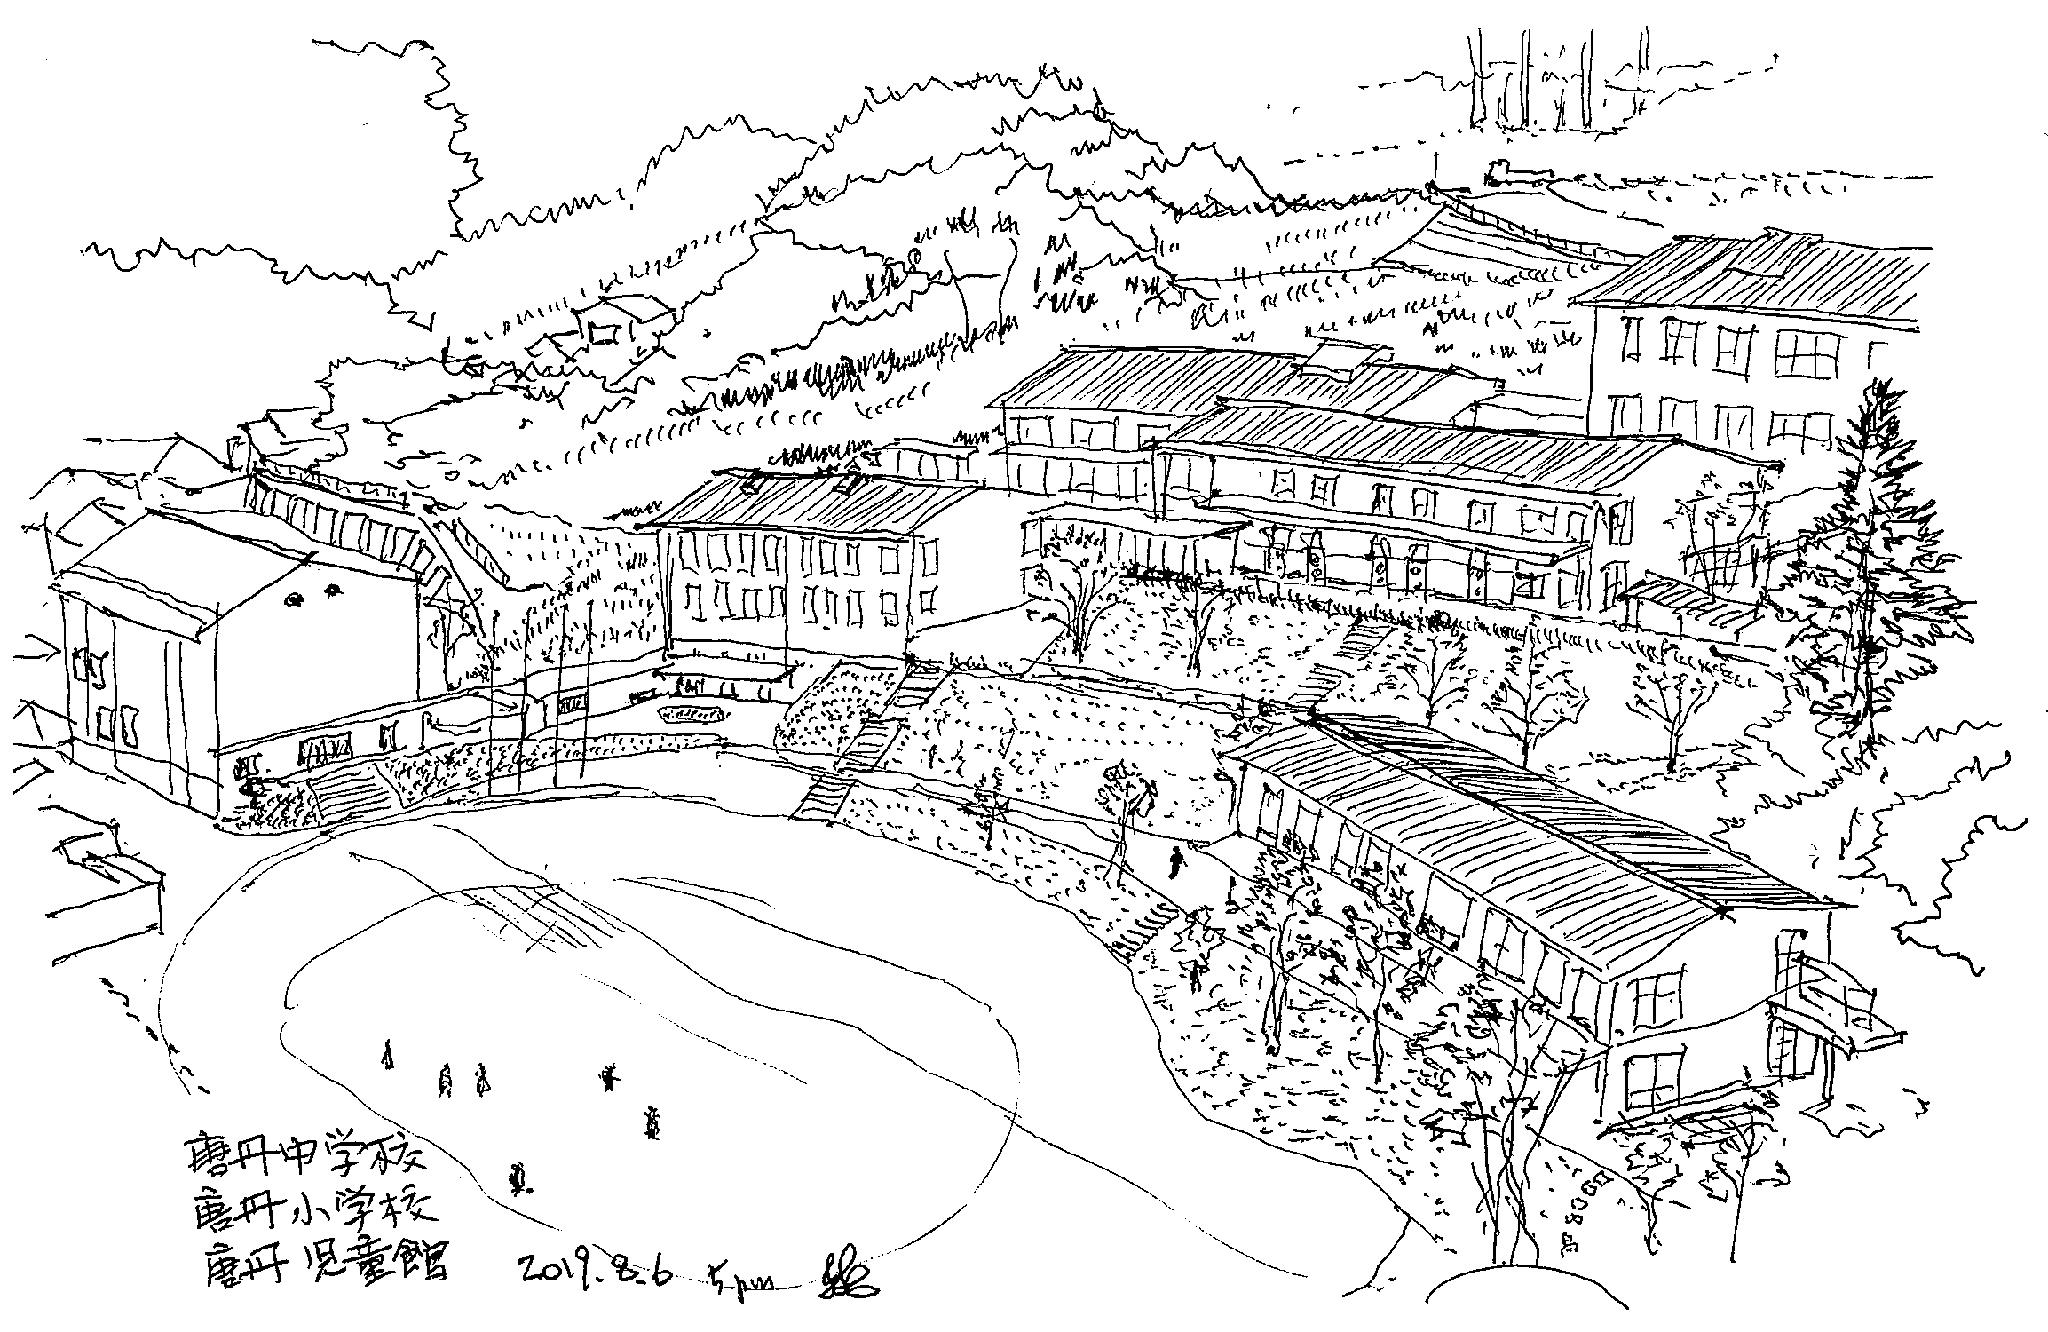 まちの中の建築スケッチ 神田順 唐丹小中学校